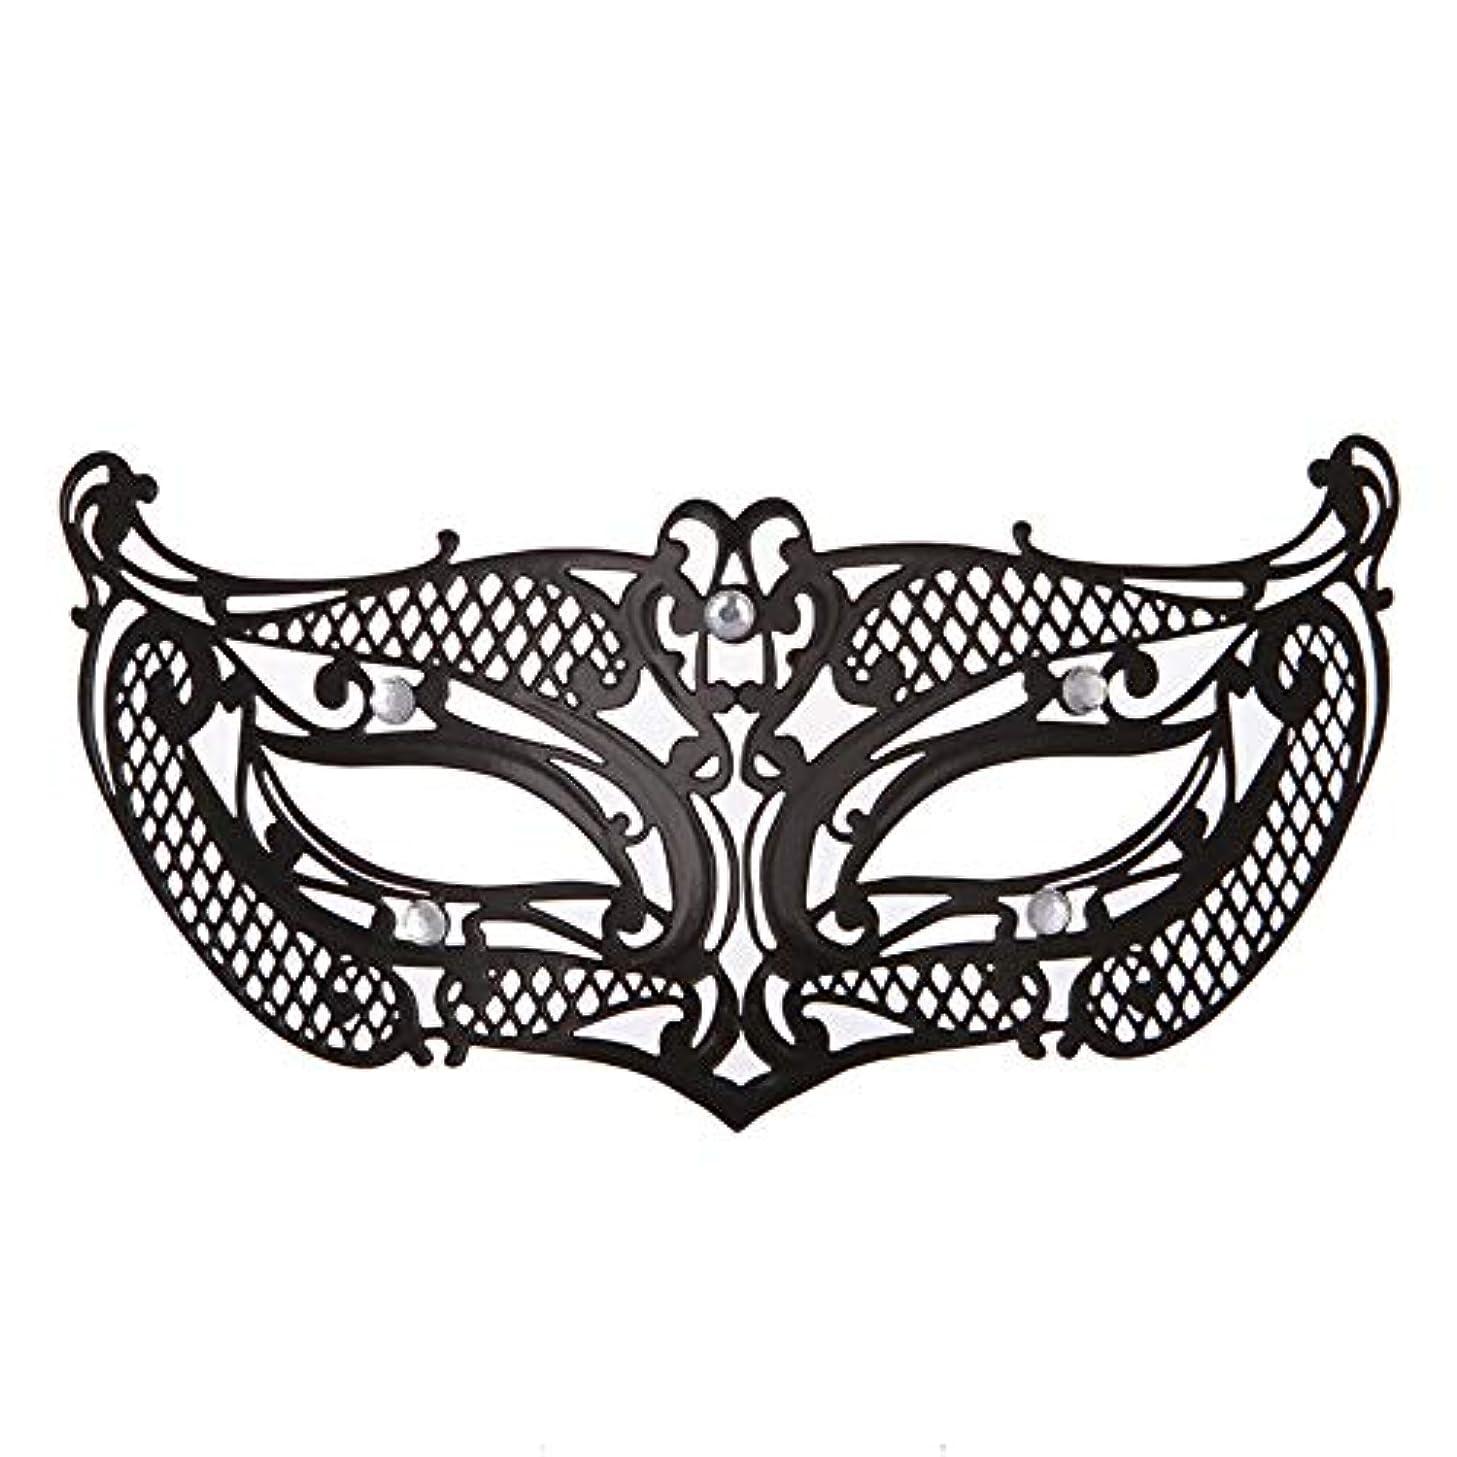 非常に怒っています微視的アボートダンスマスク アイアンメタリックレースとダイヤモンドハーフマスクハロウィンダンスマスクナイトクラブボールマスクコスプレパーティーハロウィンマスク ホリデーパーティー用品 (色 : ブラック, サイズ : 19x8cm)